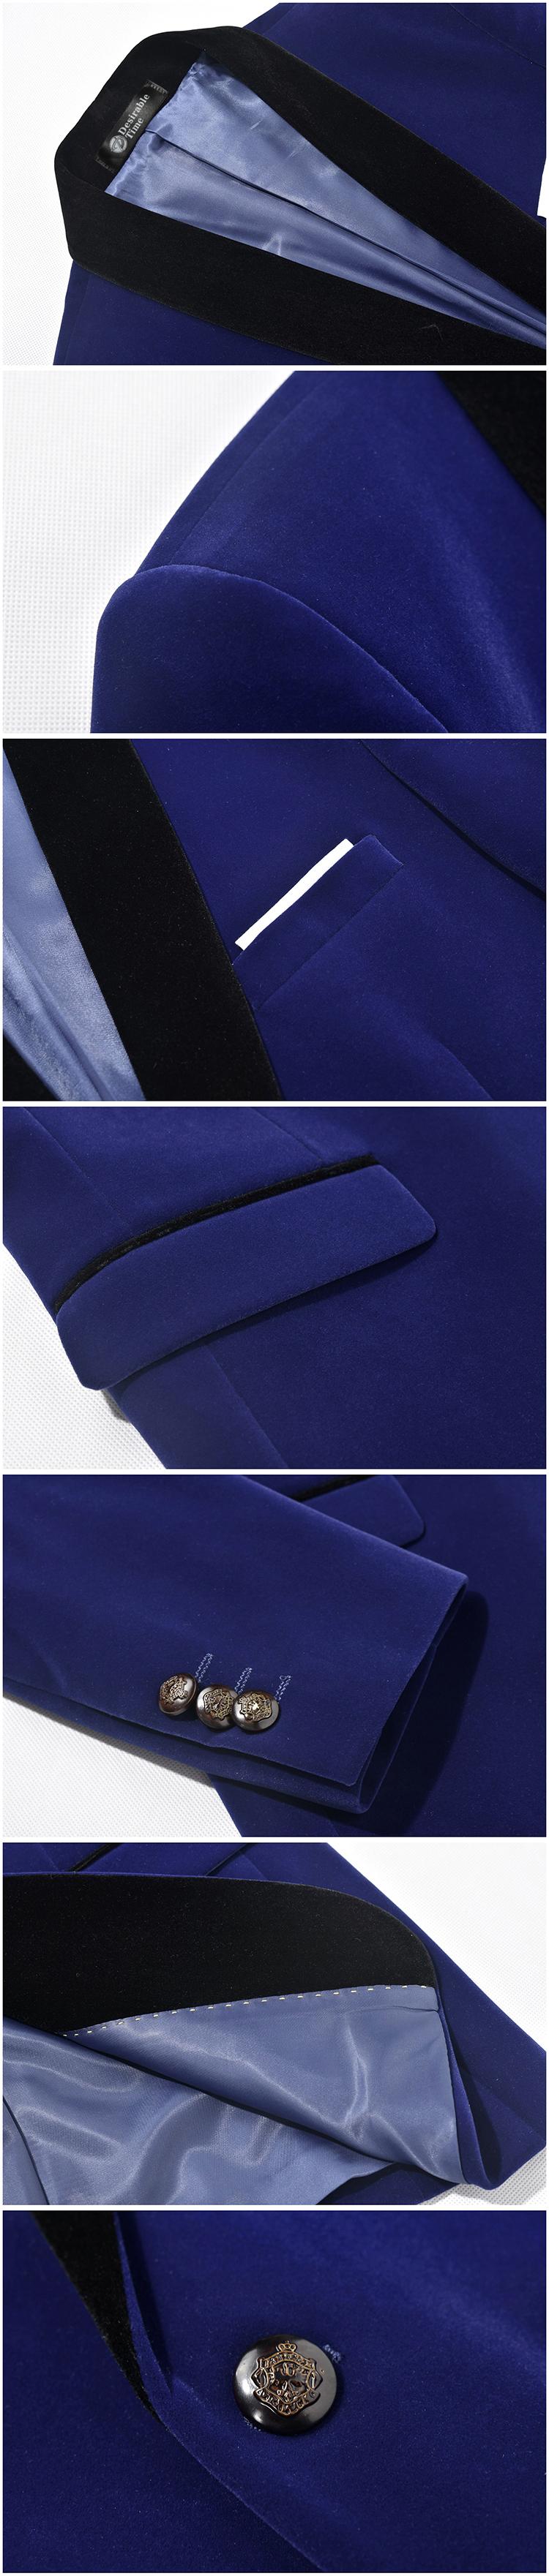 HTB1uHPTRFXXXXXrXVXXq6xXFXXXa - Royal Blue Mens Wedding Tuxedo Suit M-4XL Autumn High Quality Shawl Lapel Slim Fit Velvet Men Red Prom Suits DT059